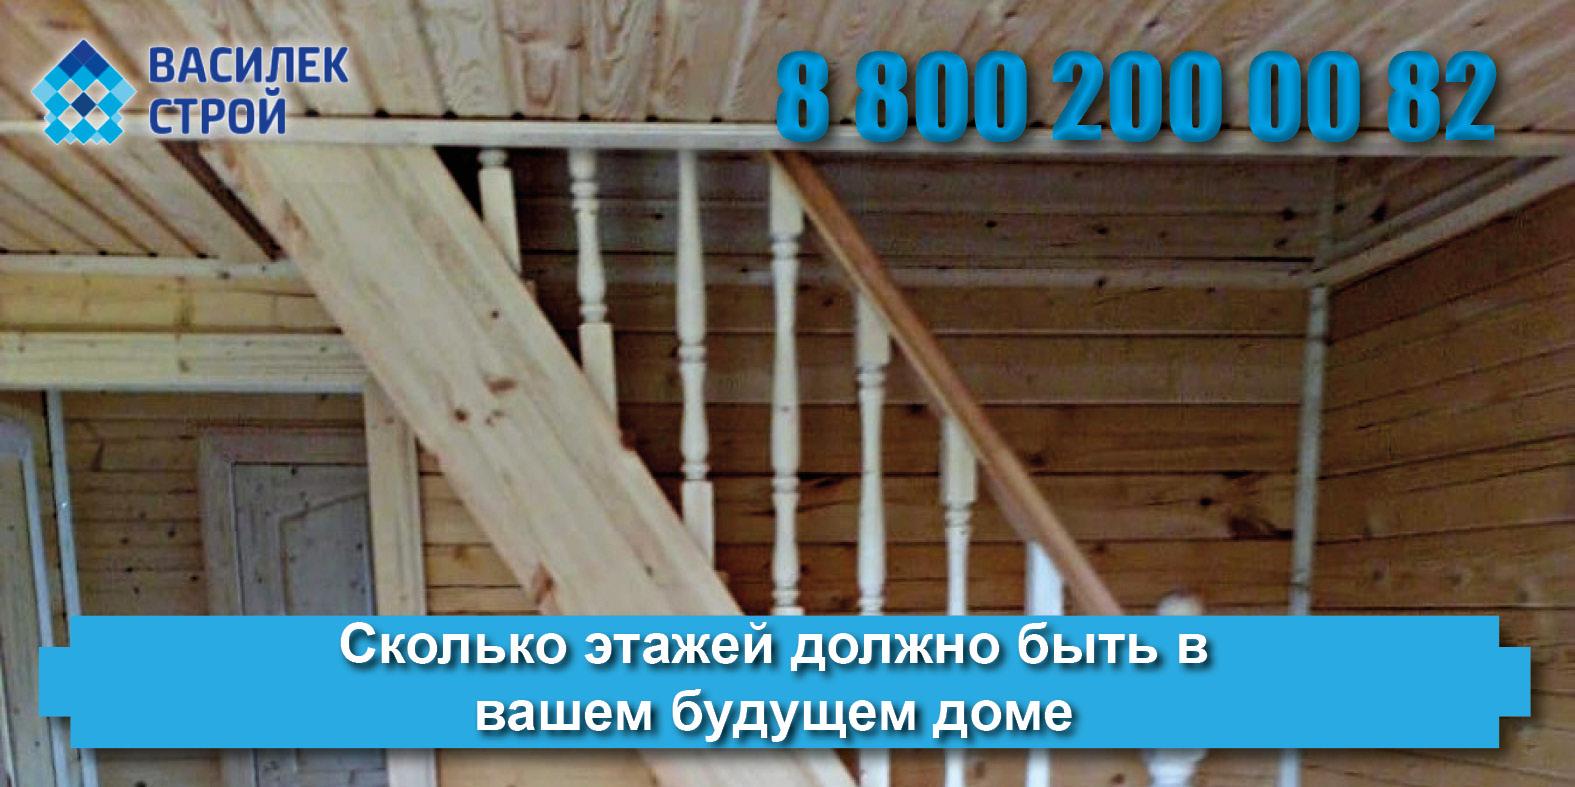 Какая этажность должна быть в частном деревянном доме: одноэтажные или двухэтажные жома из бруса и профилированного бруса выбрать